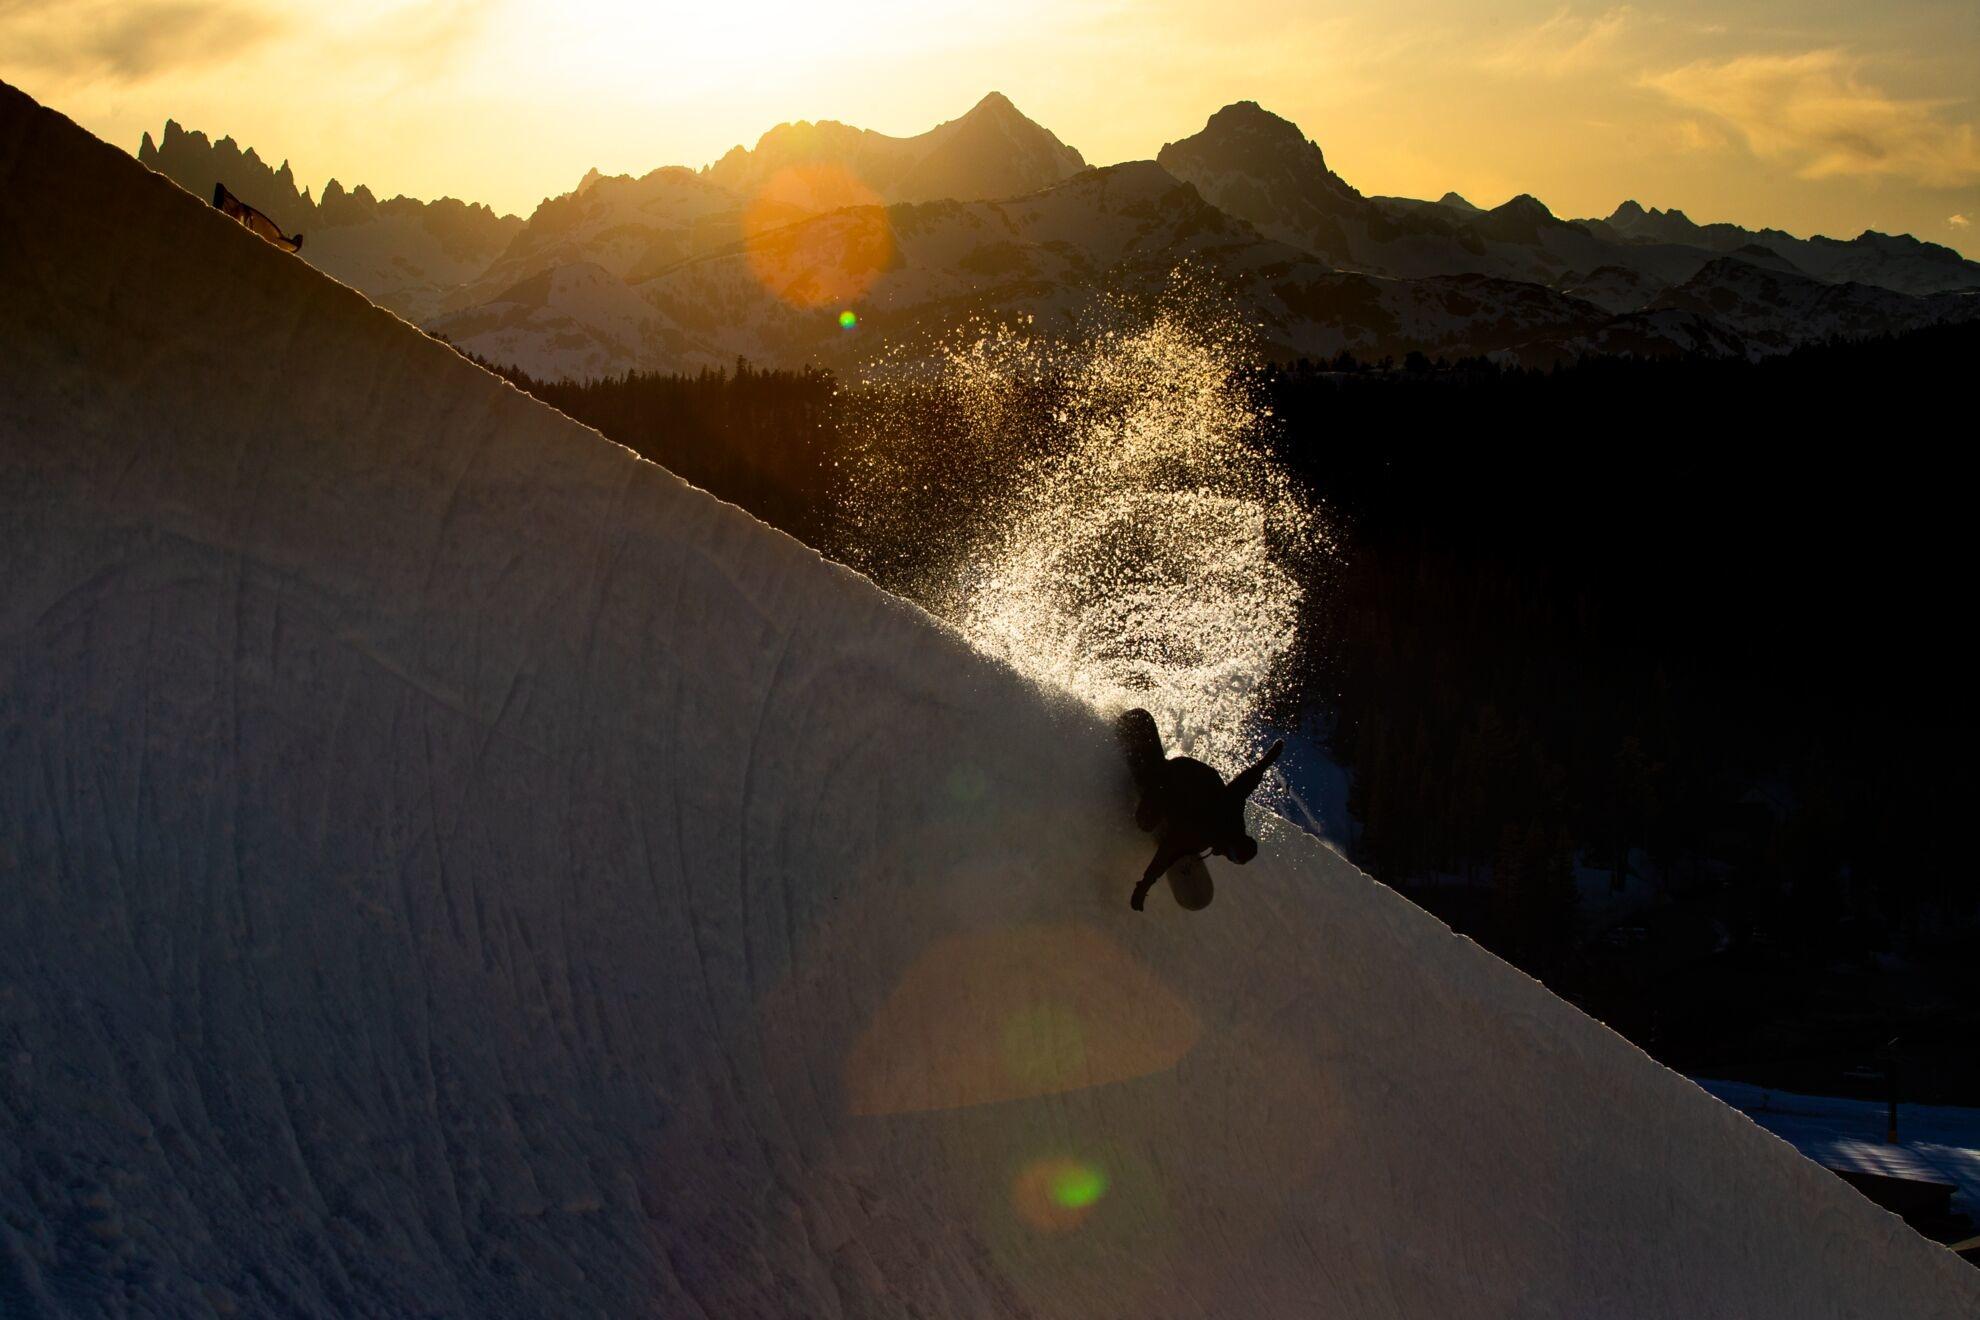 Jones Snowboards Aviator action